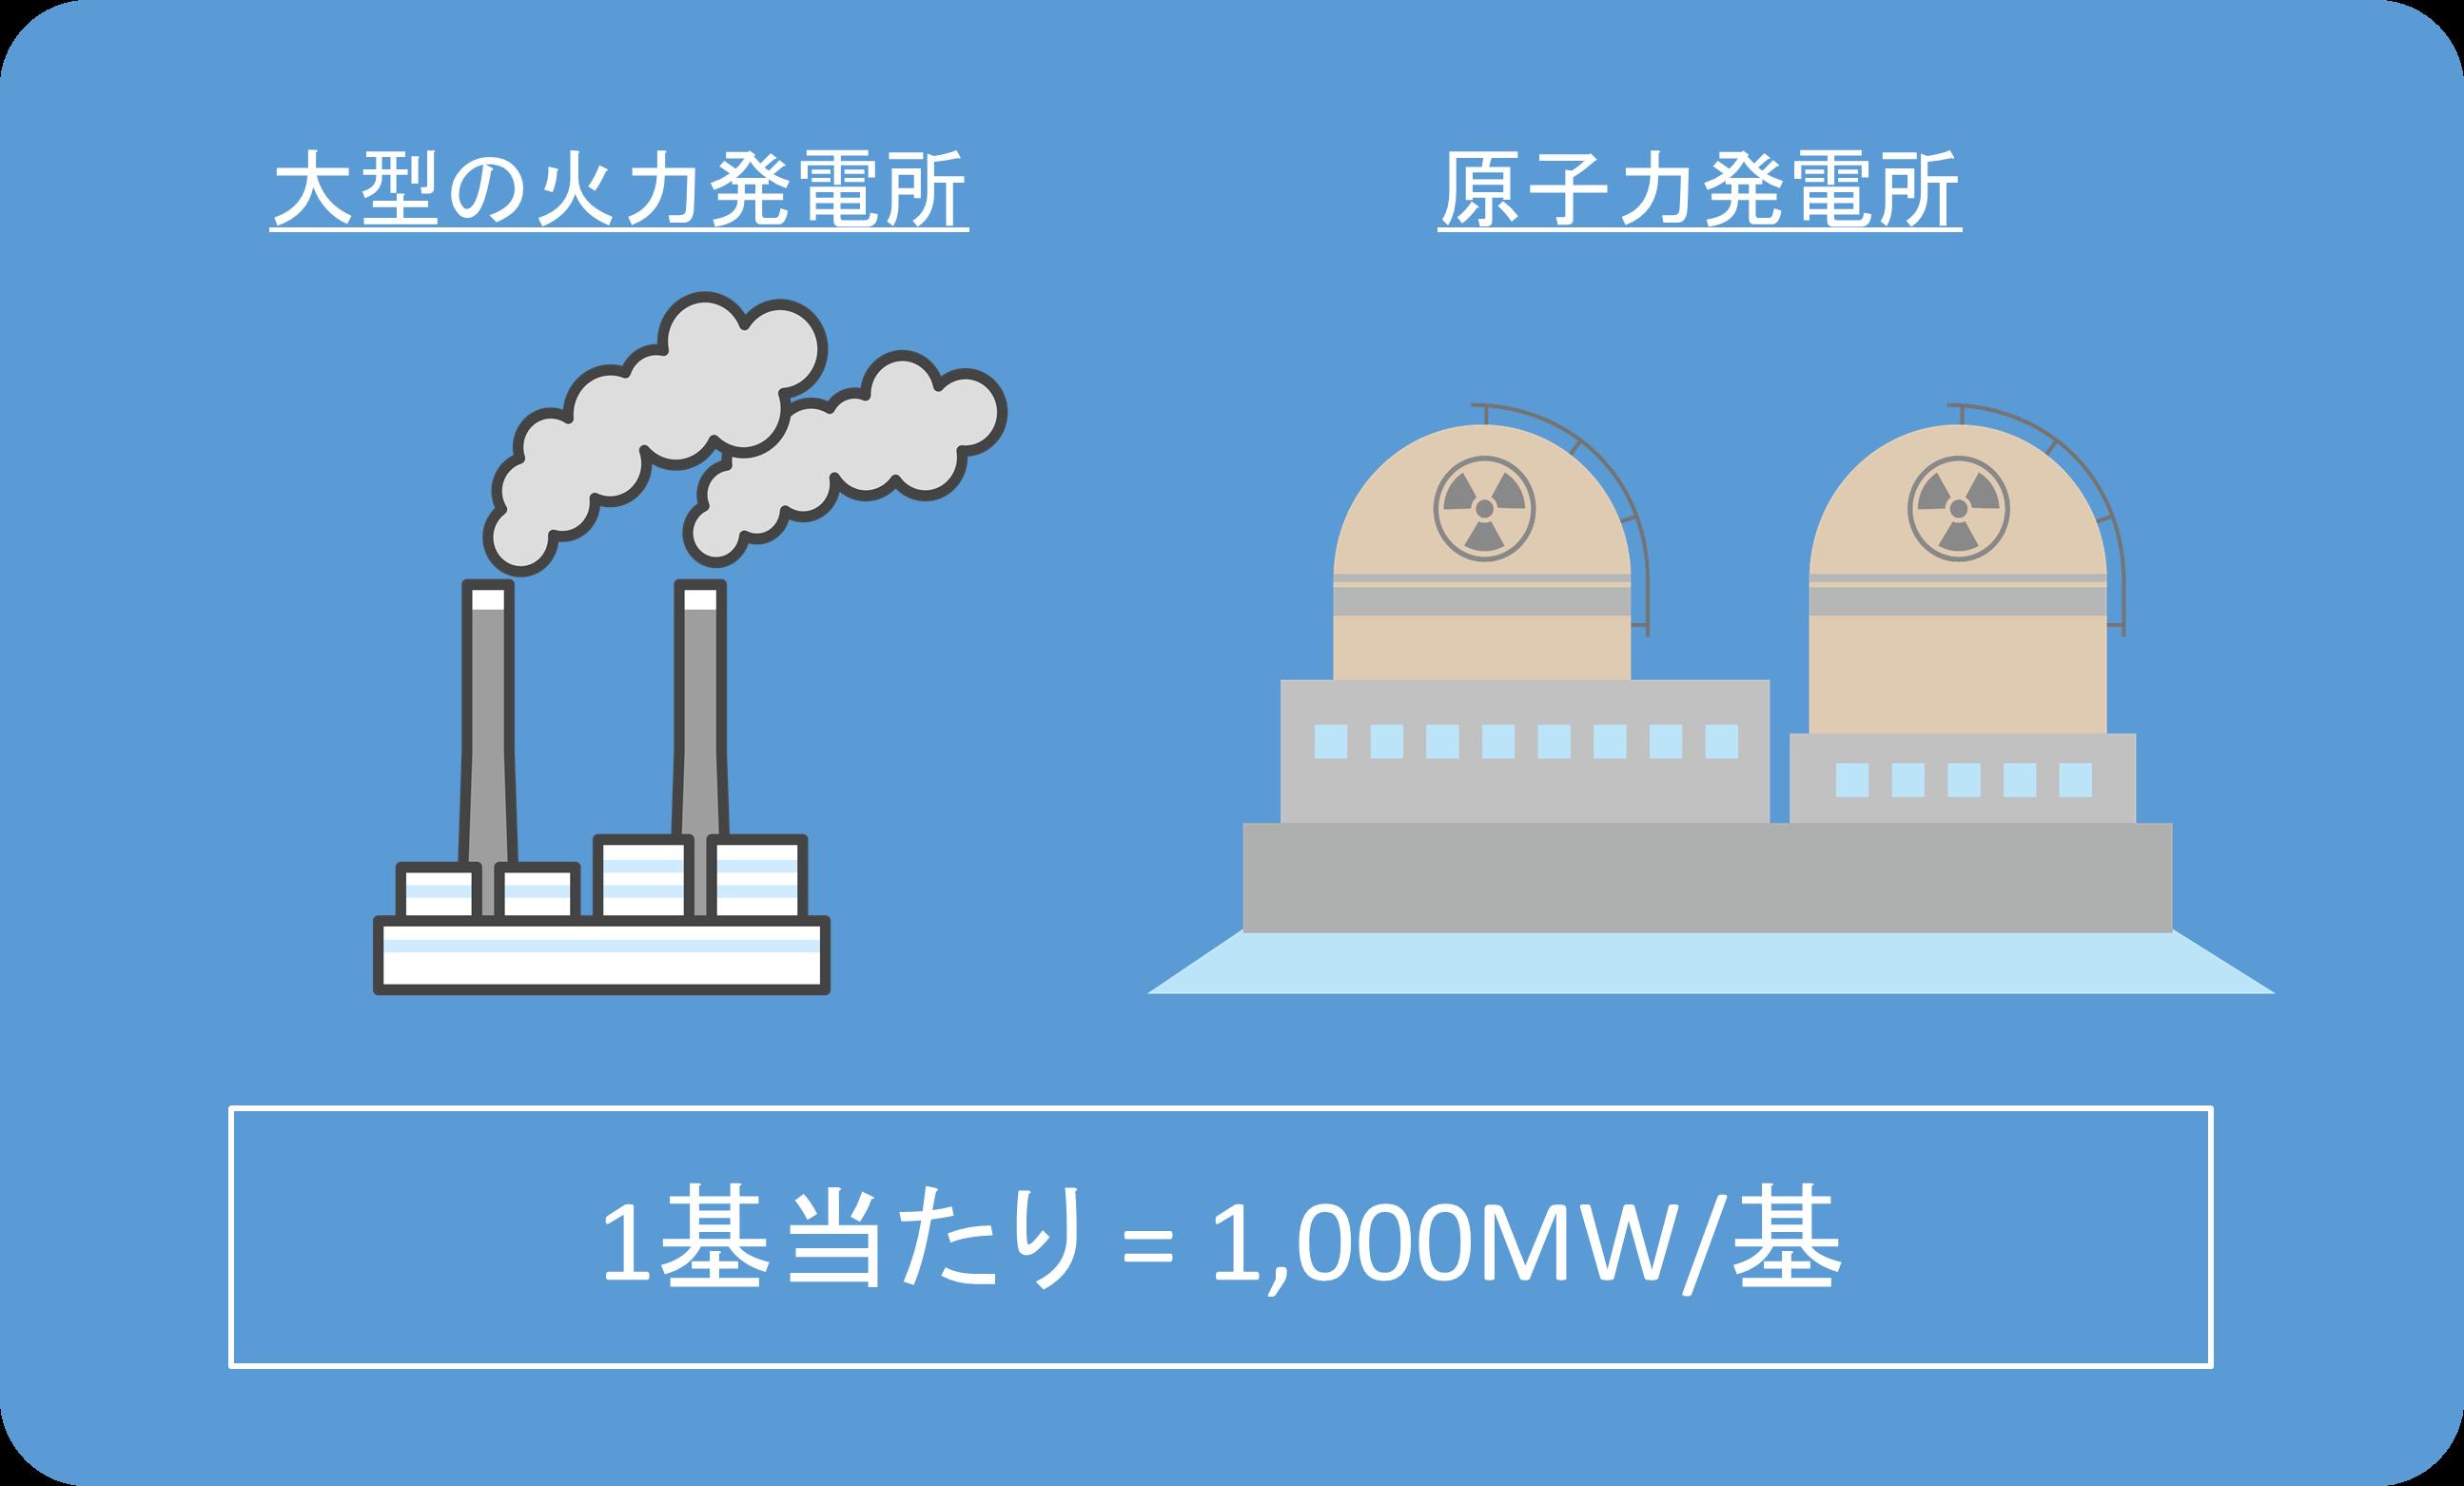 洋上風力発電拡大へ-04